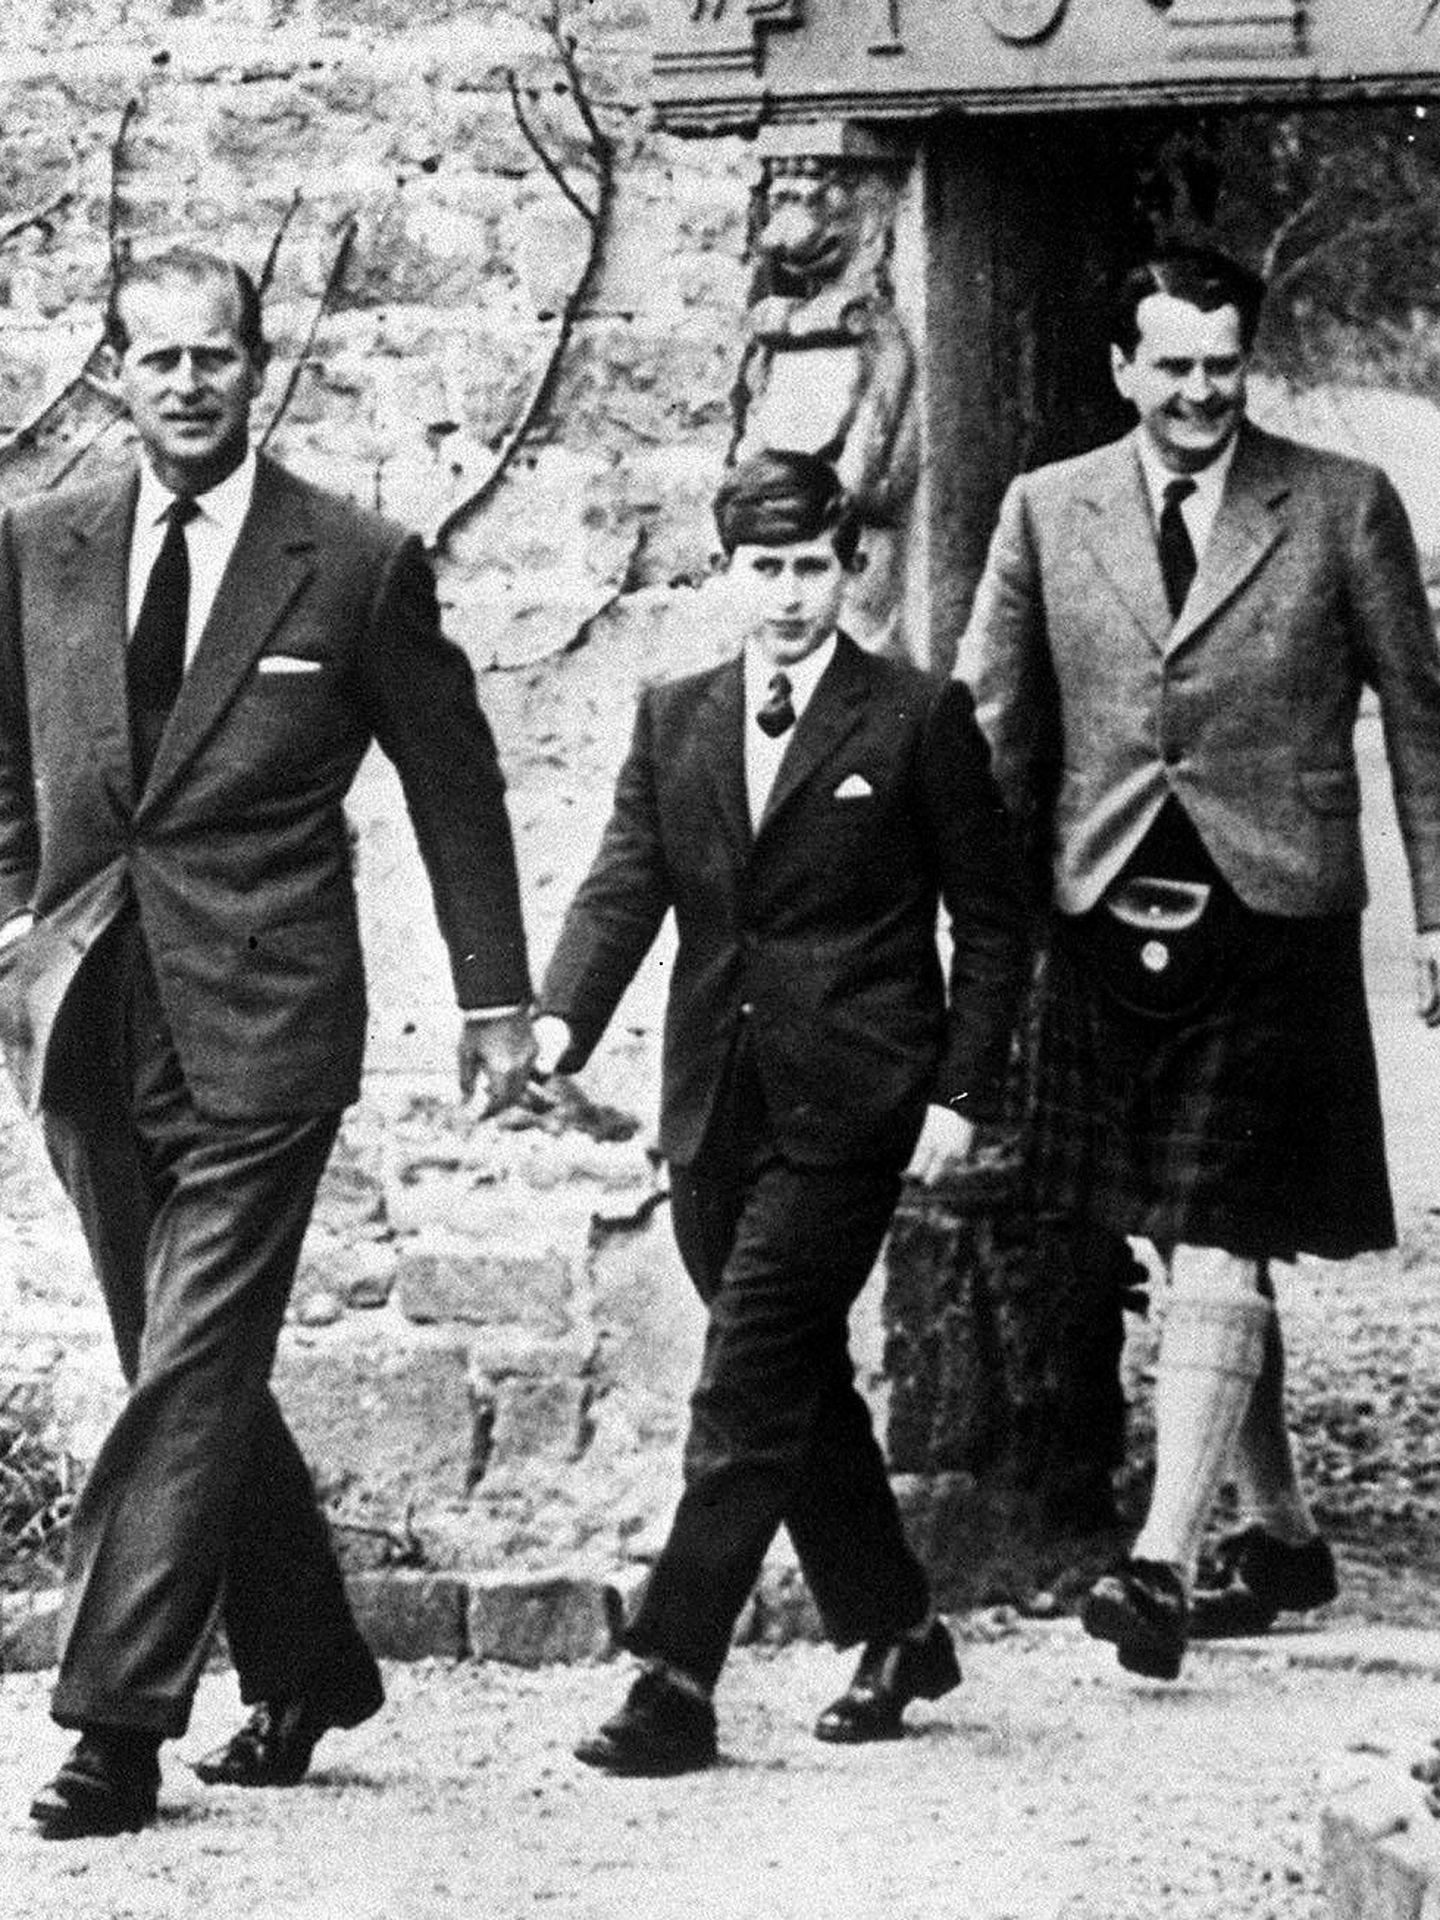 El duque de Edimburgo acompaña al príncipe Carlos en su primer día en Gordonstoun. (Cordon Press)